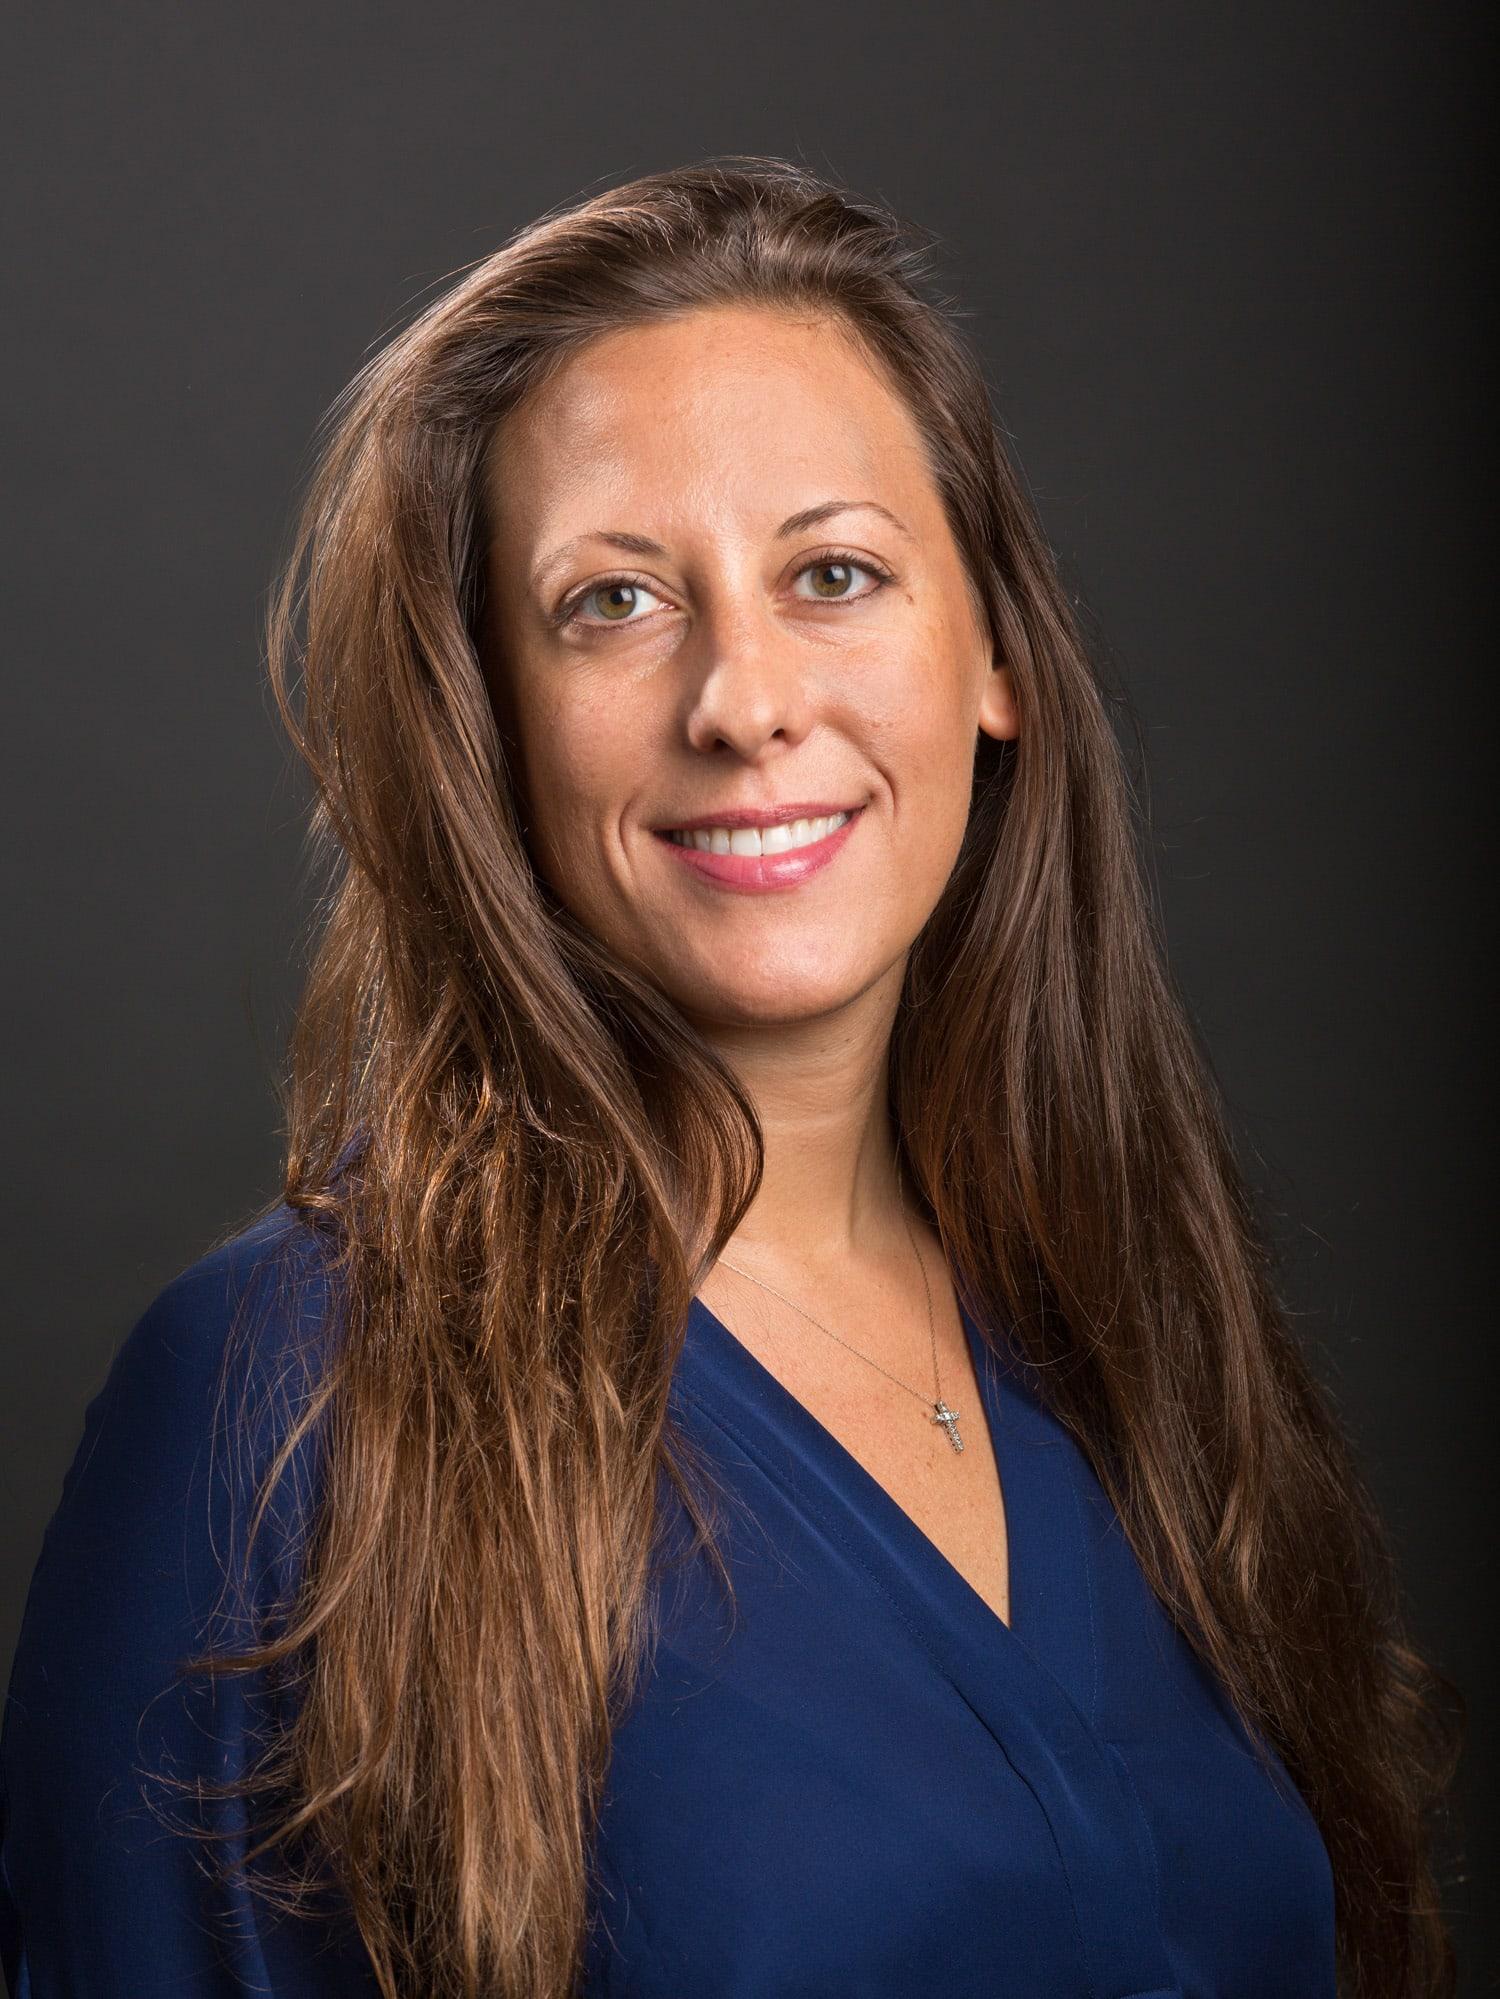 Lauren Baldassarre